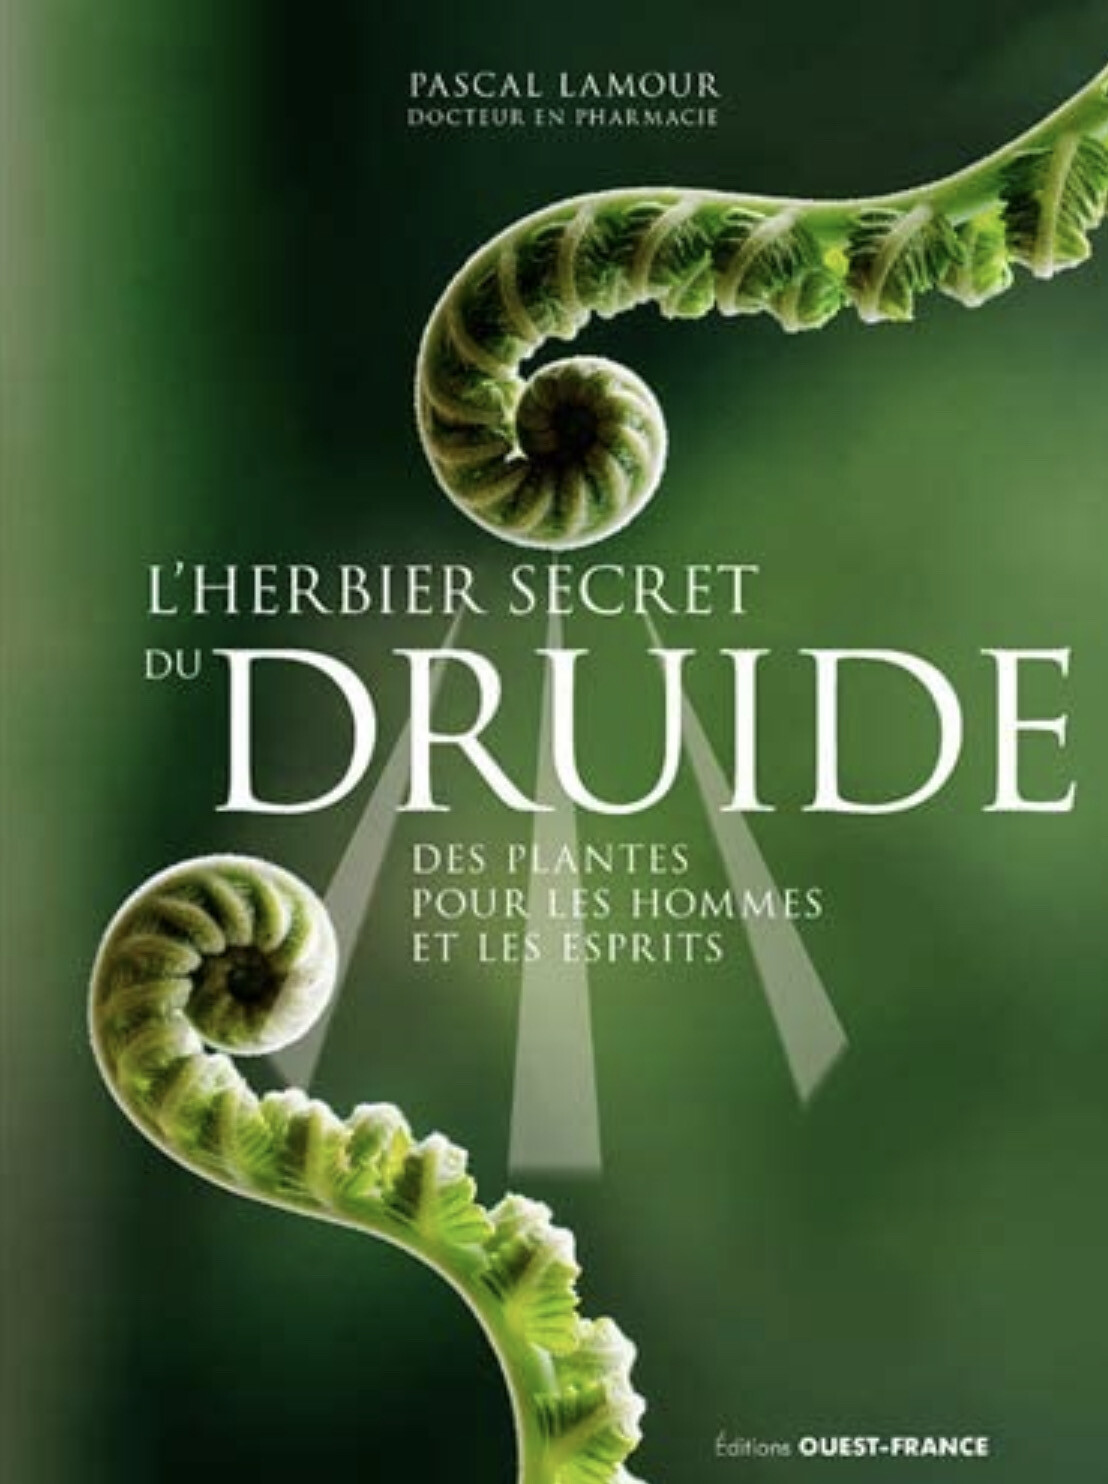 L'herbier secret du druide